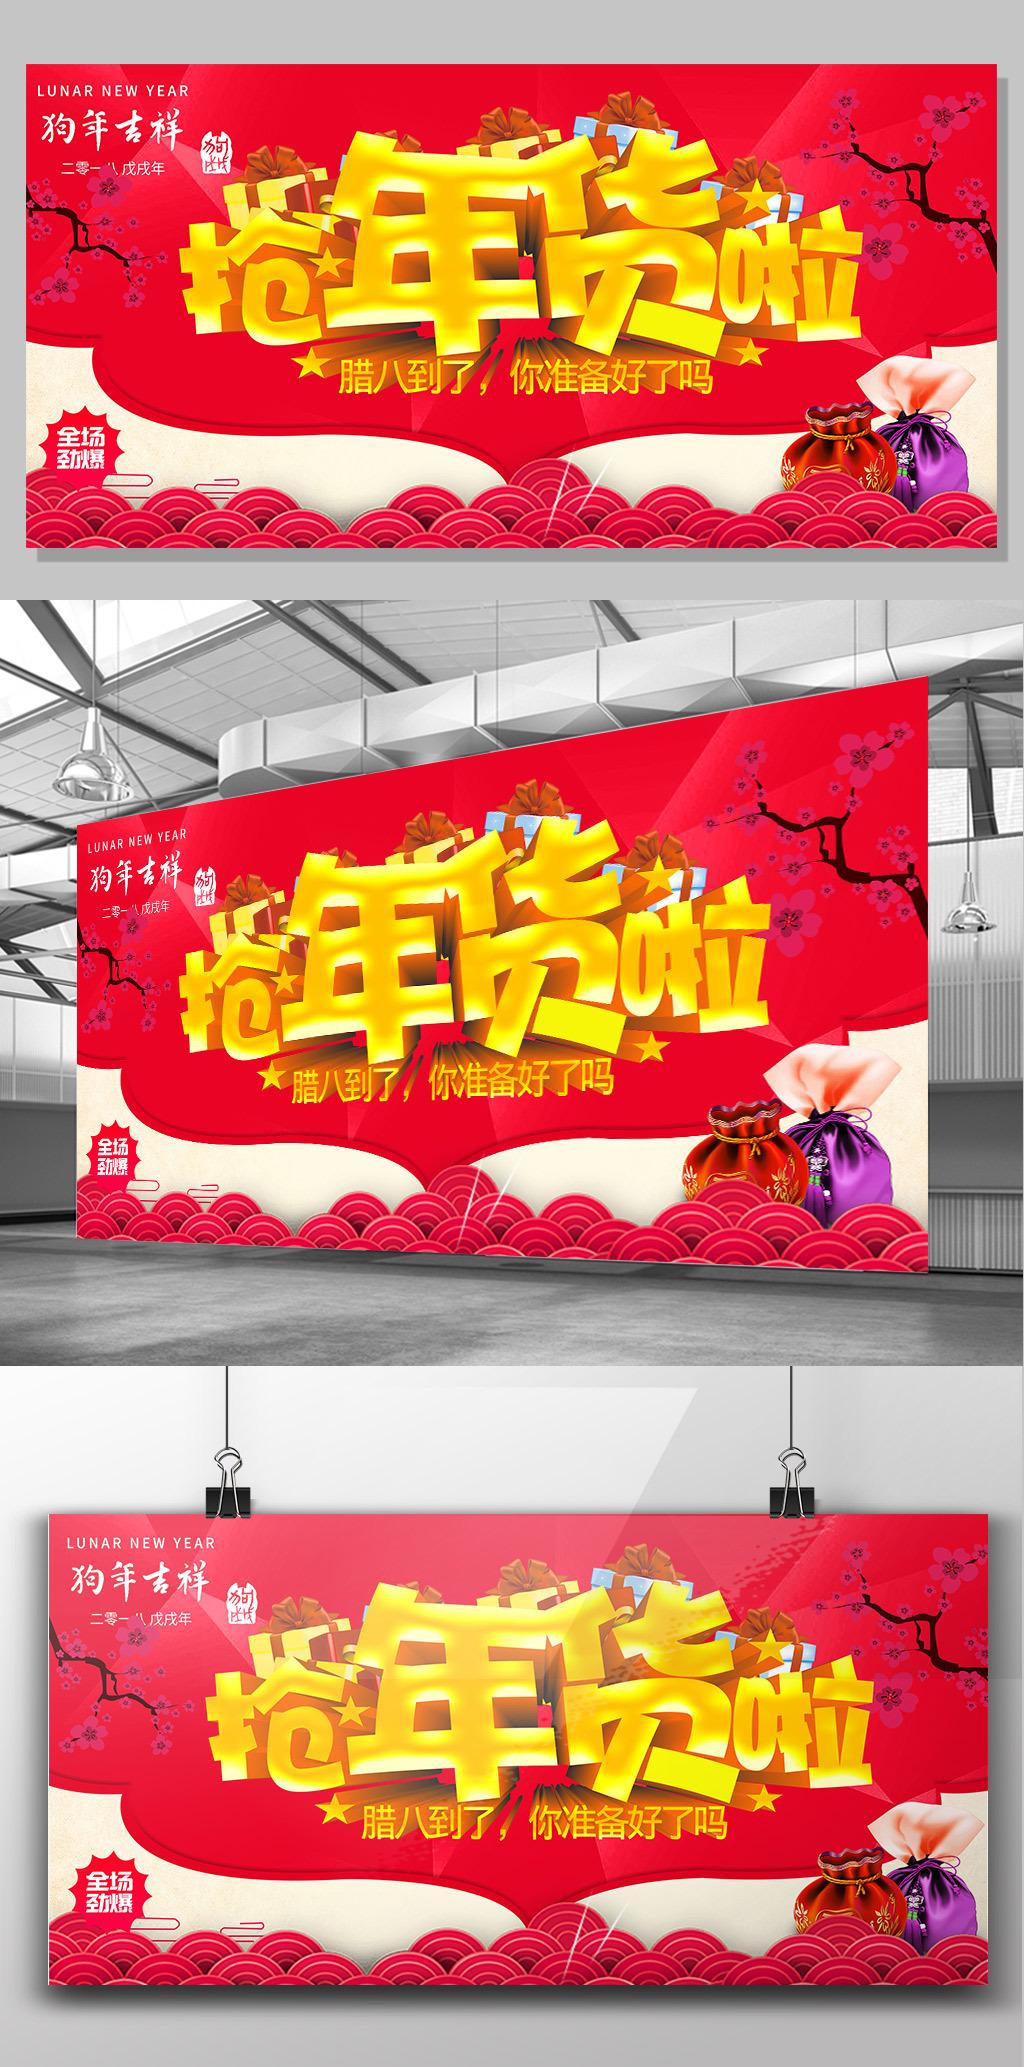 企业新年抢年货迎海报设计